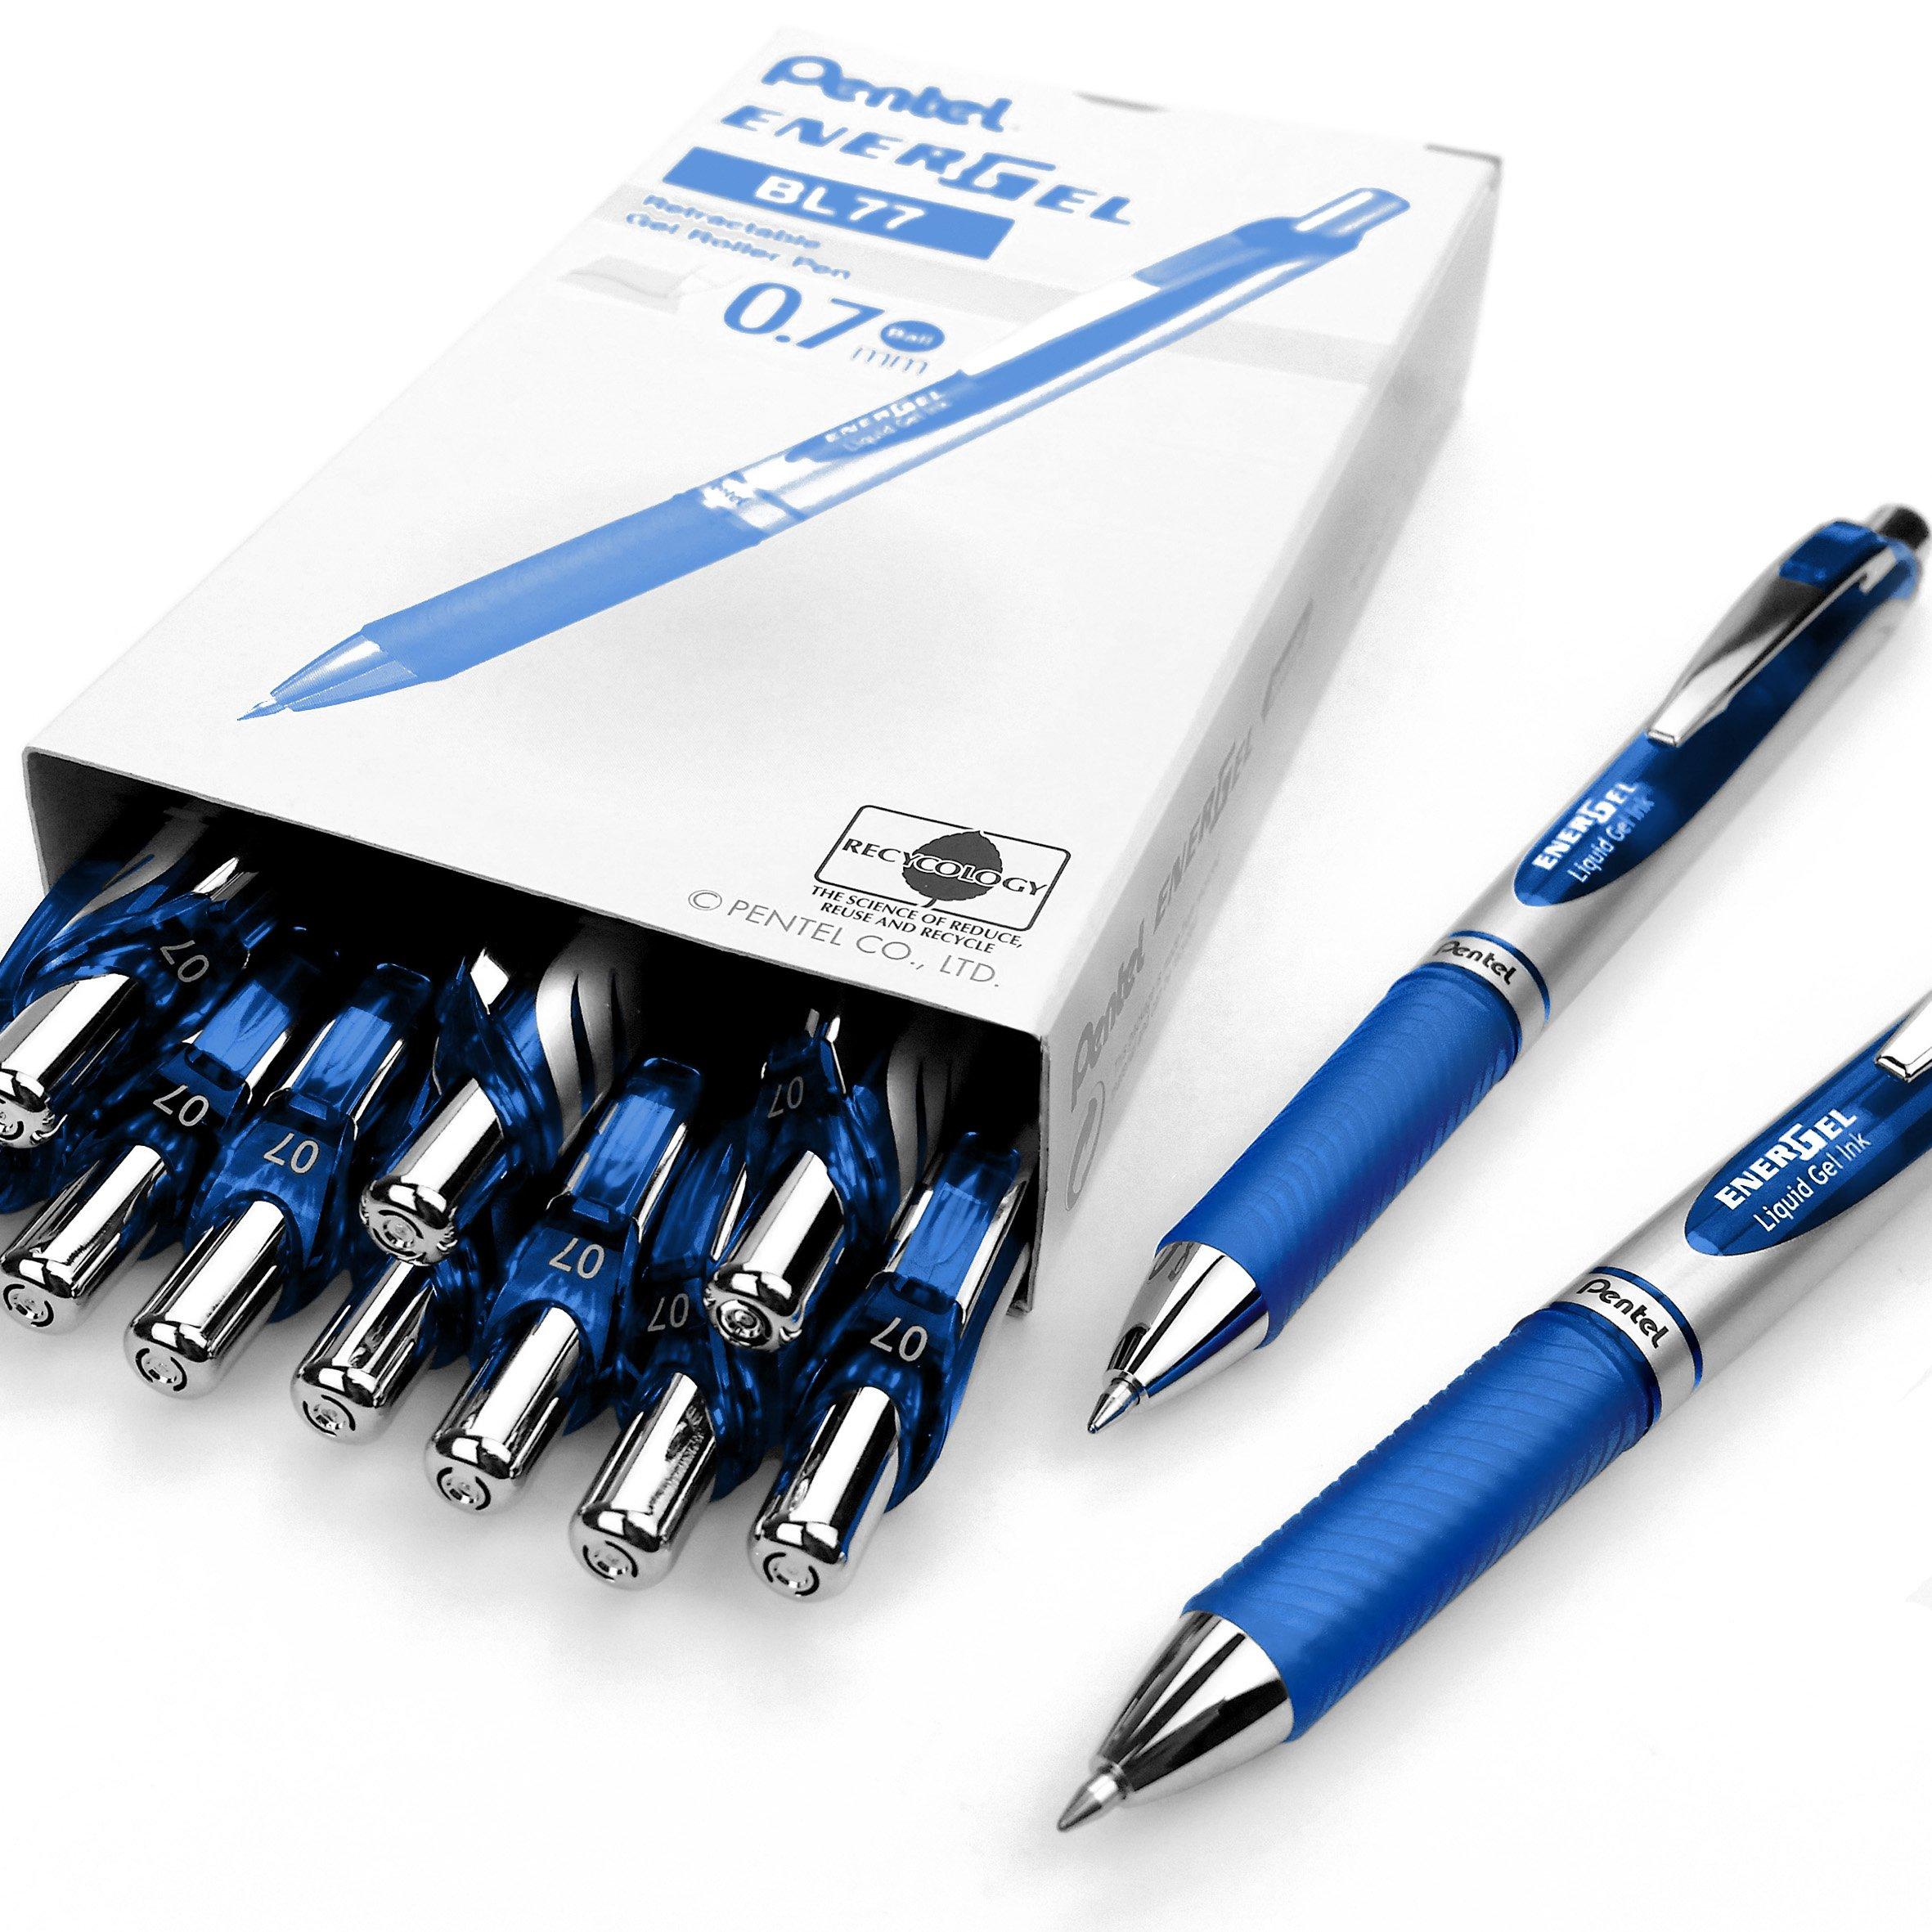 Pentel Energel Xm BL77���Penna Inchiostro Gel Liquido Retrattile���0,7�mm���54% Riciclato, colore: